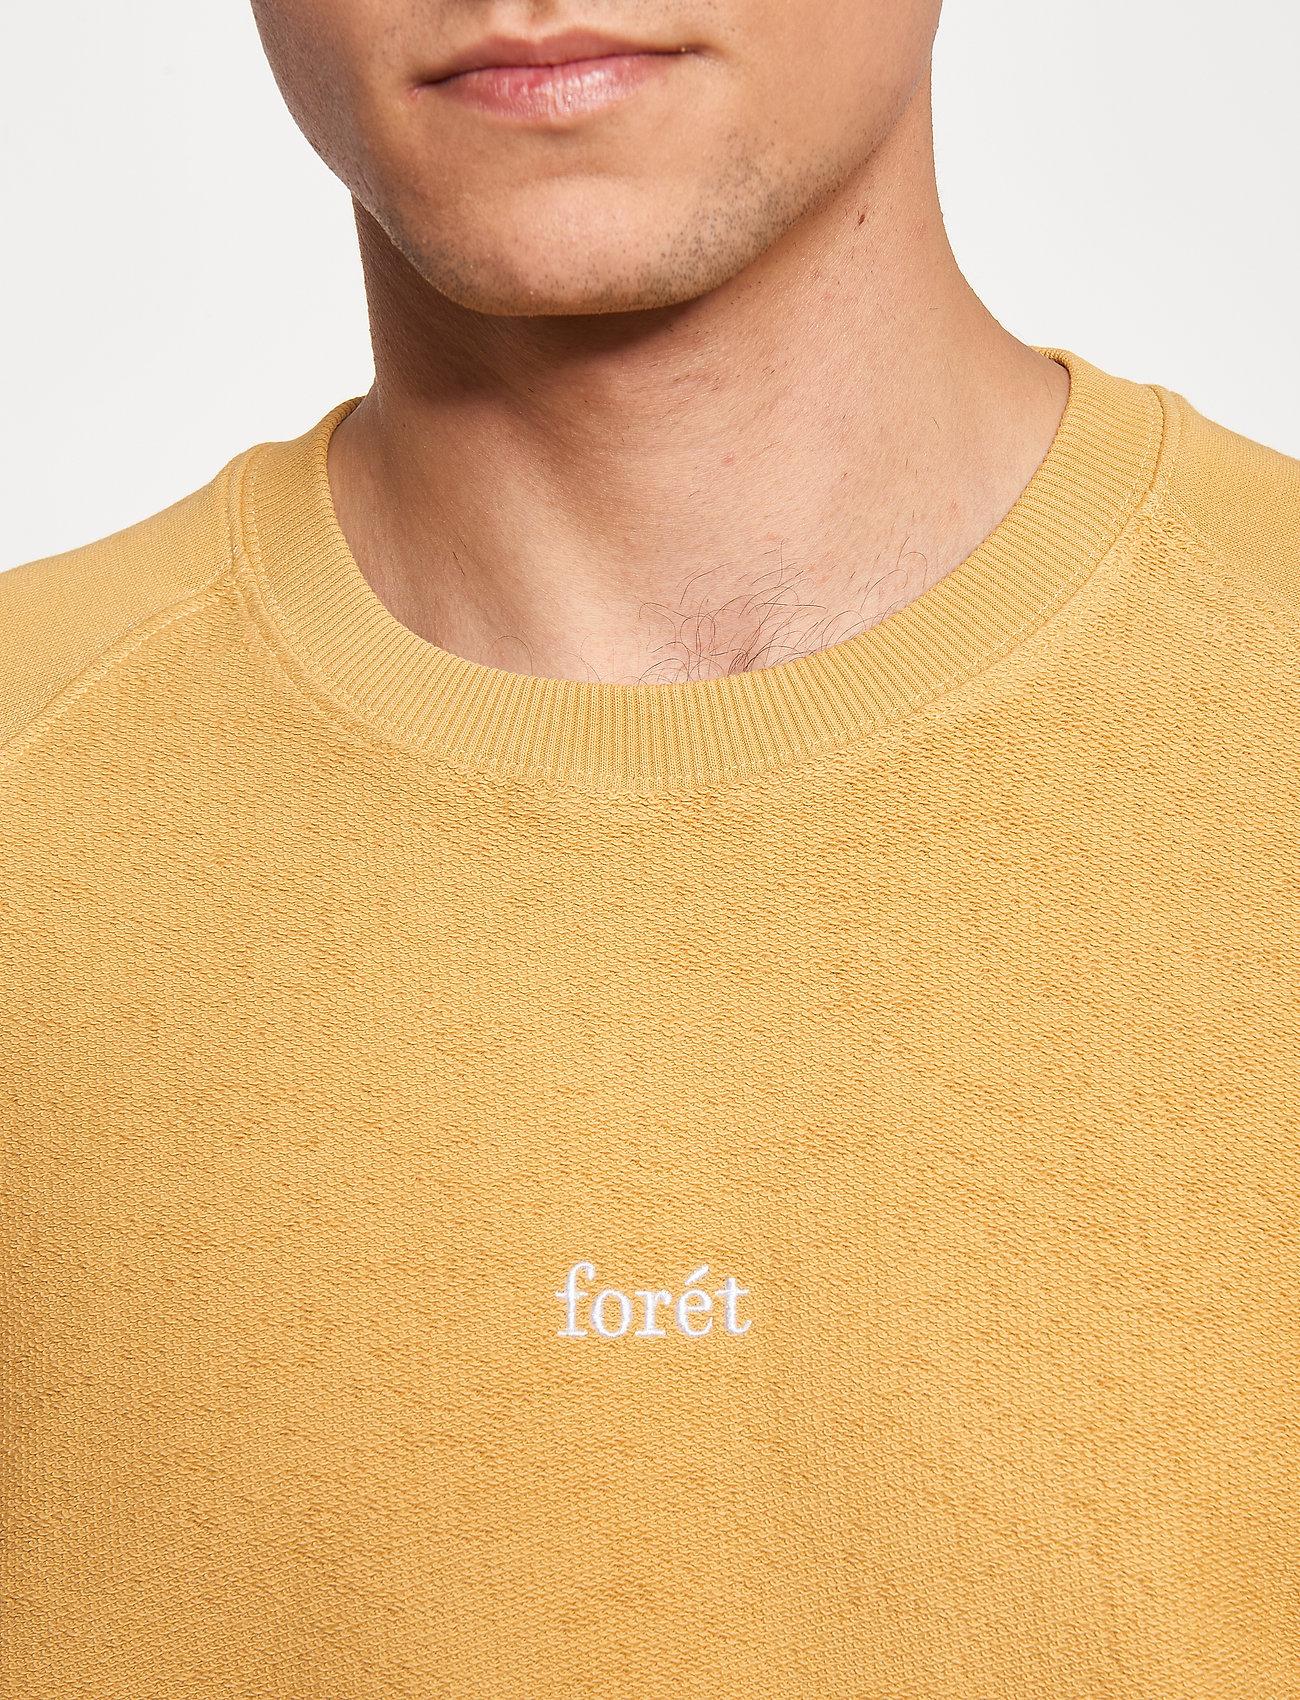 Forét - WEST SWEATSHIRT - swetry - ochre - 0